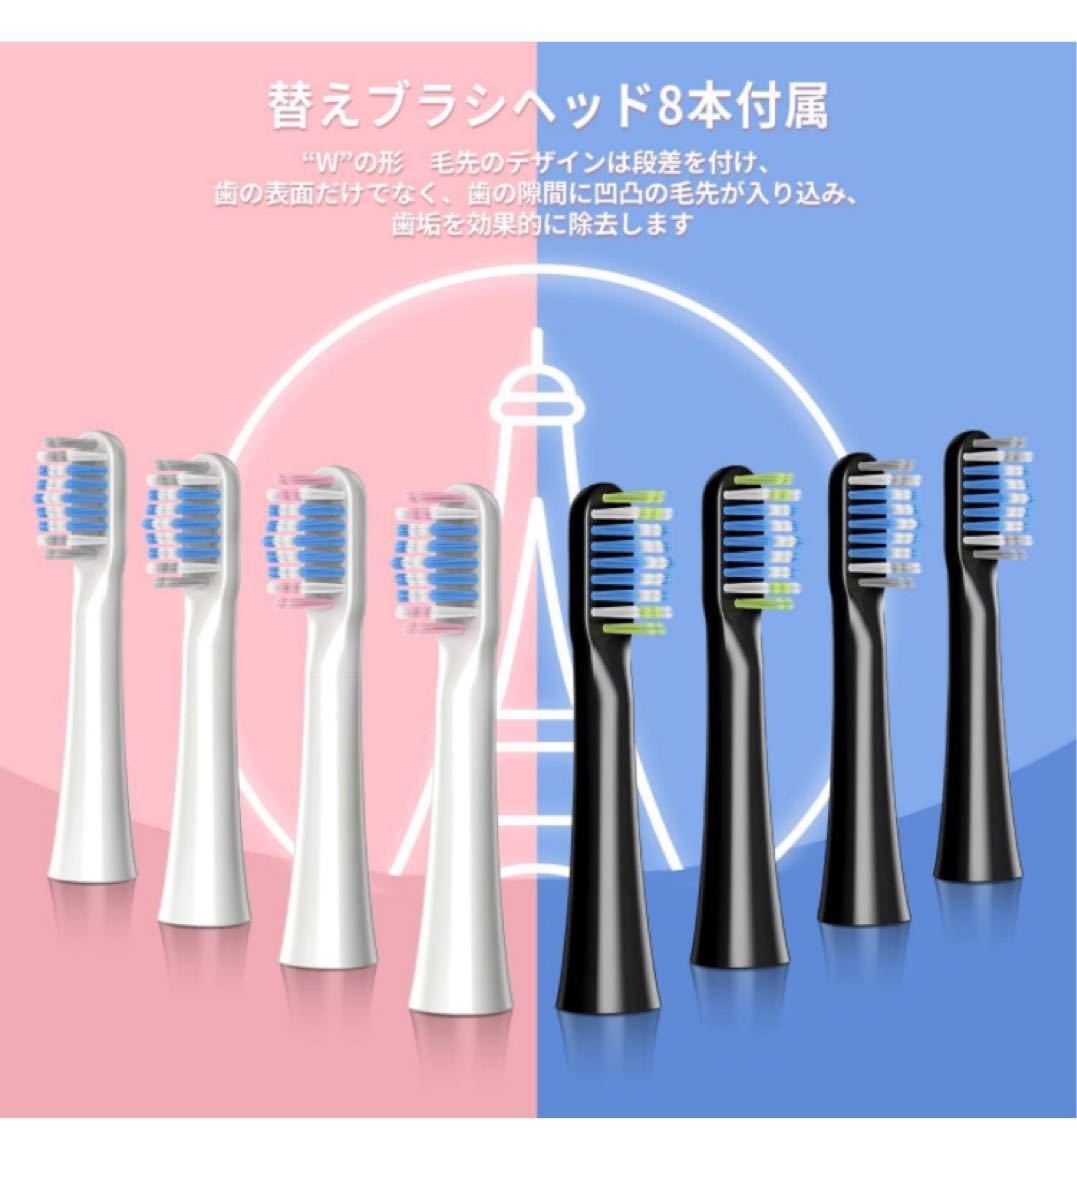 電動歯ブラシ 2本 Atmoko 音波歯ブラシ 替えブラシ8本 2分間オートタイマー機能 ソニック IPX7防水 低ノイズ 風呂場